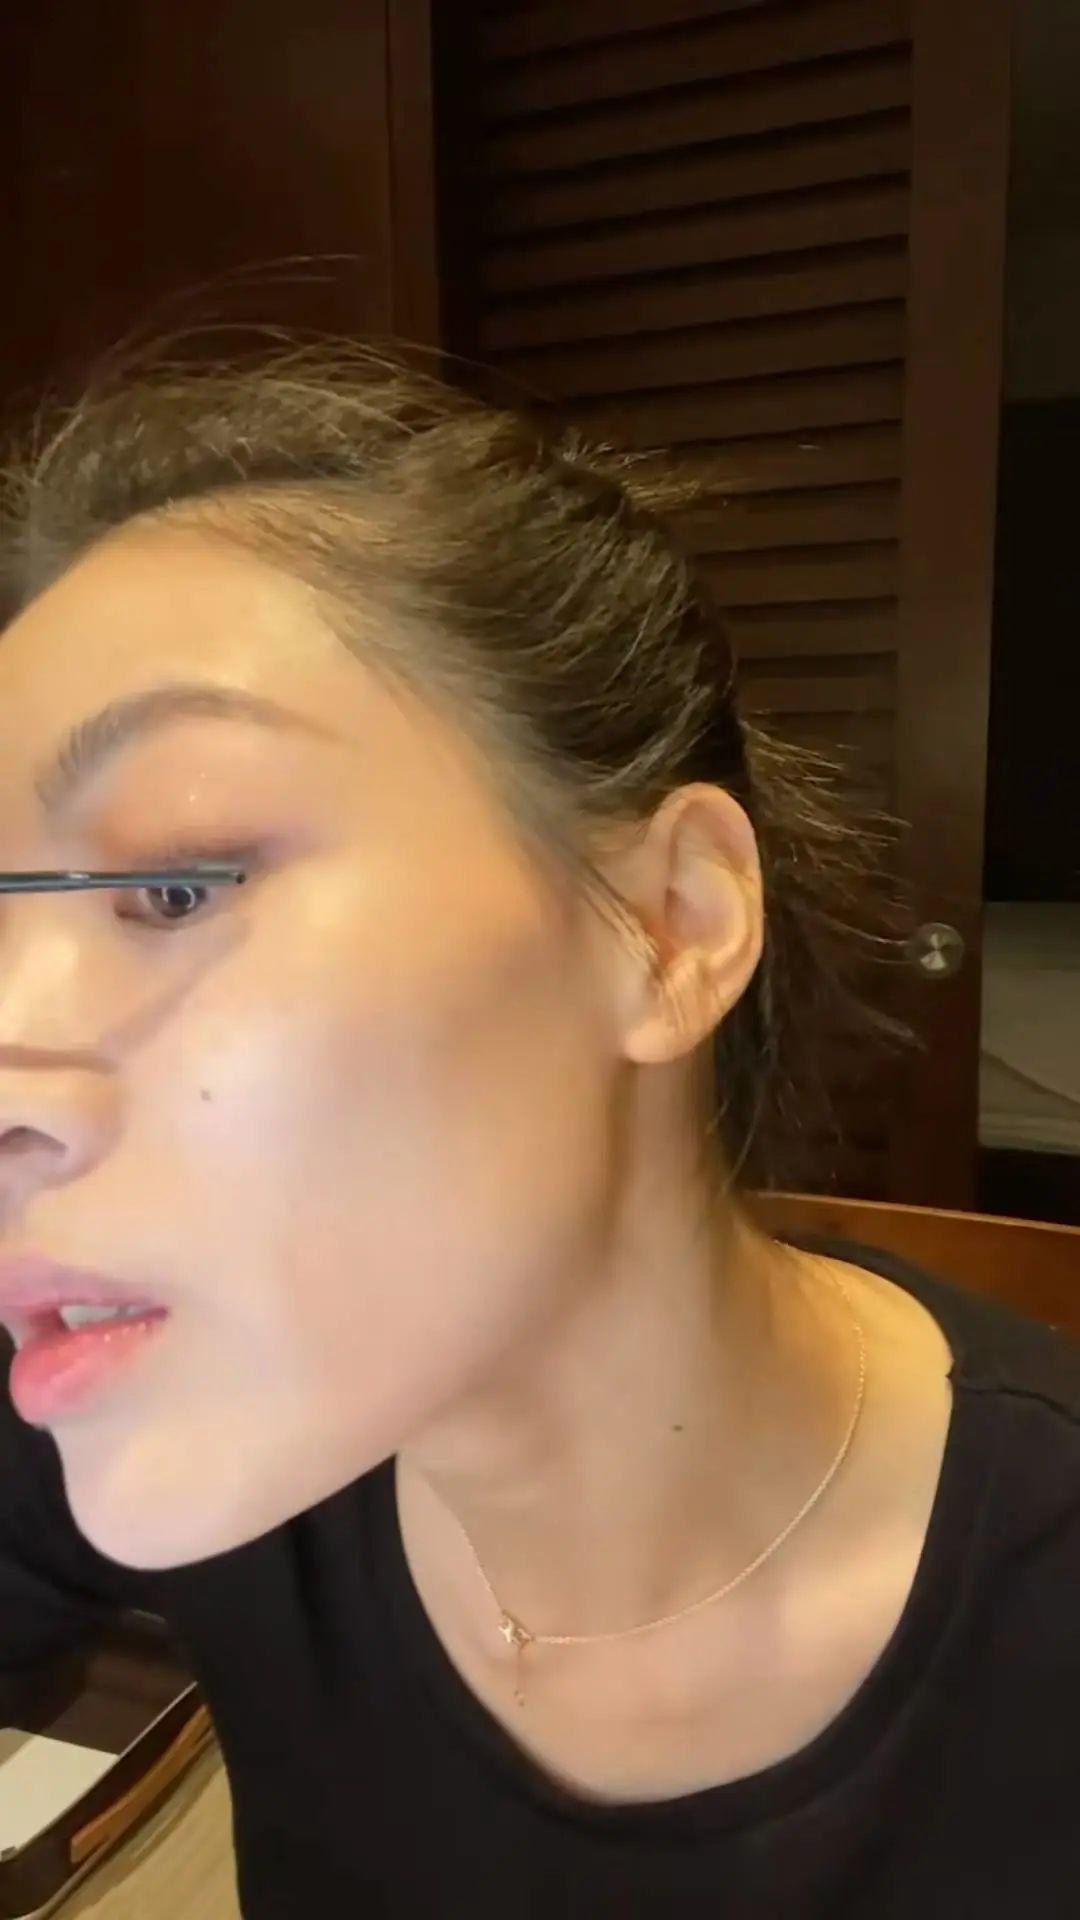 凭借超专业化妆能力省出一套房?钟楚曦的妆容教程真的都是干货!